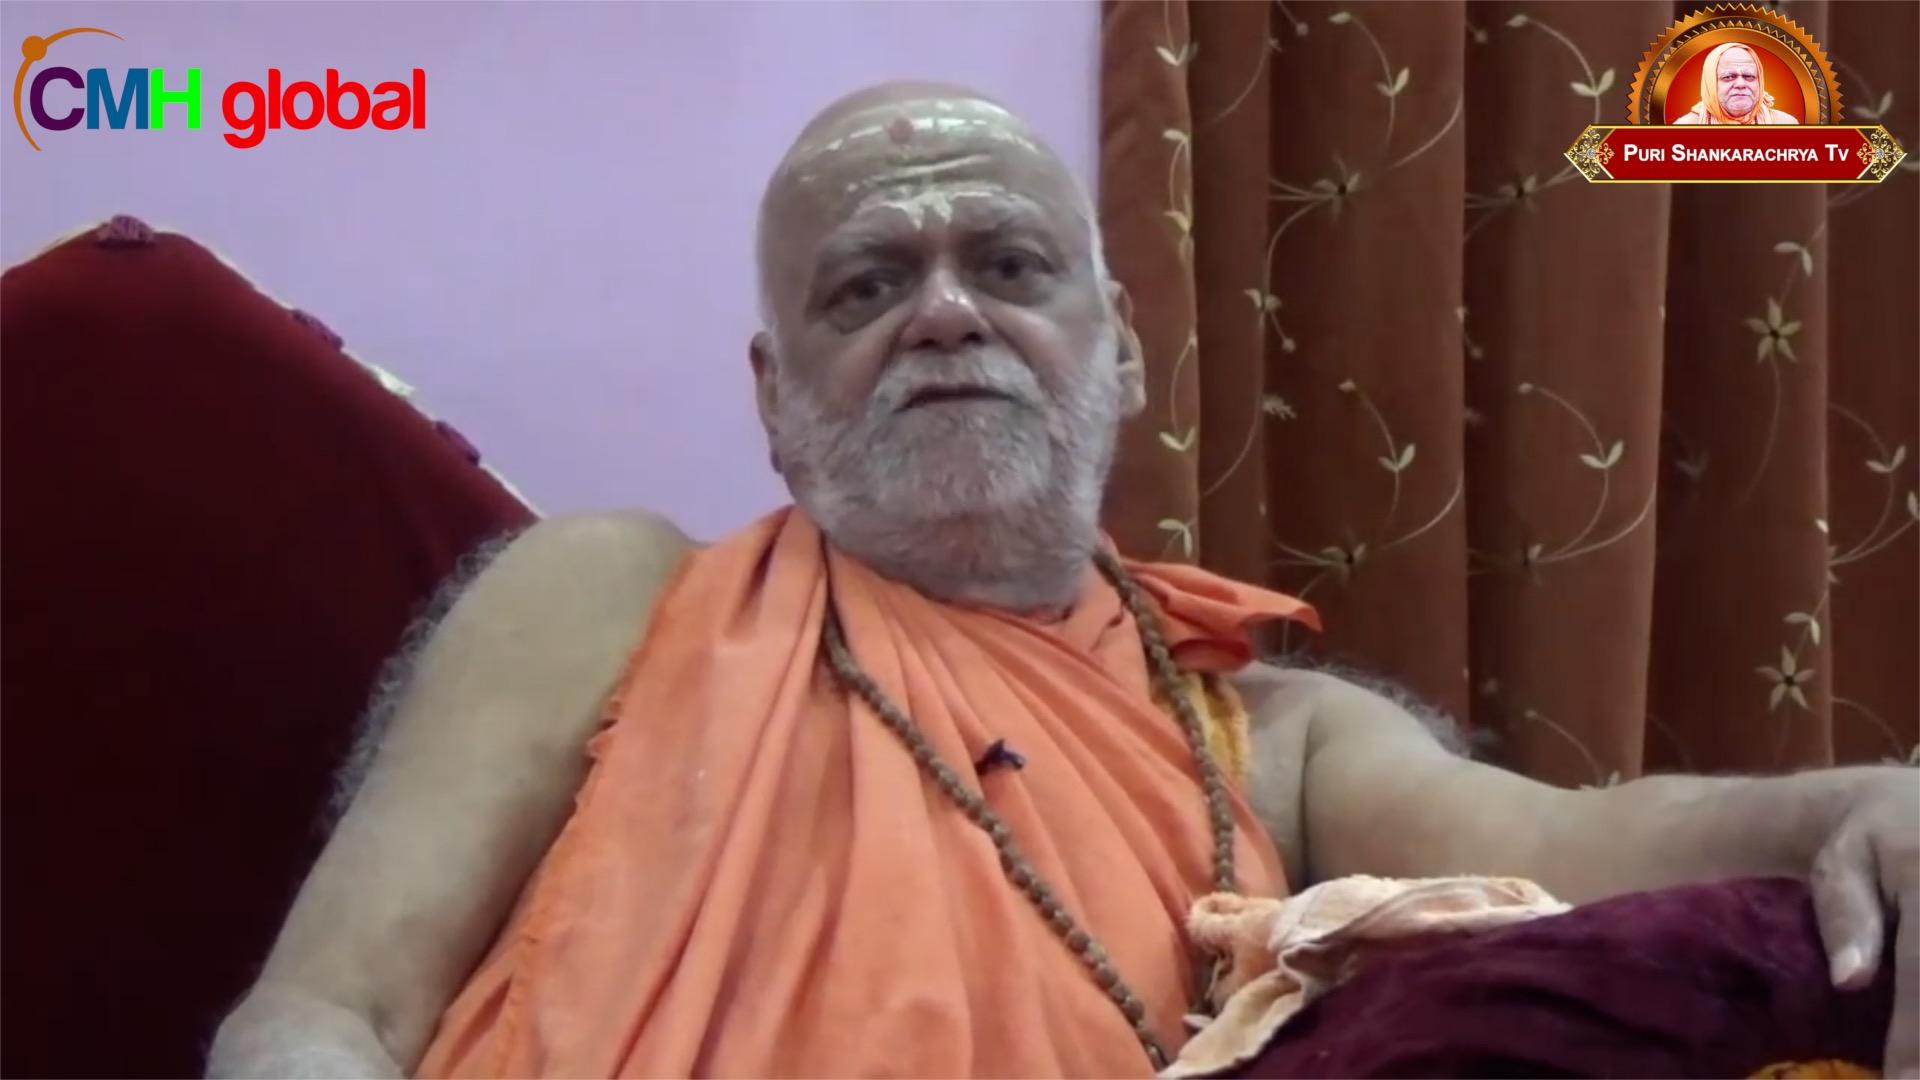 Gyan Dhara Ep -61 by Puri Shankaracharya Swami Nishchalananda Saraswati Ji